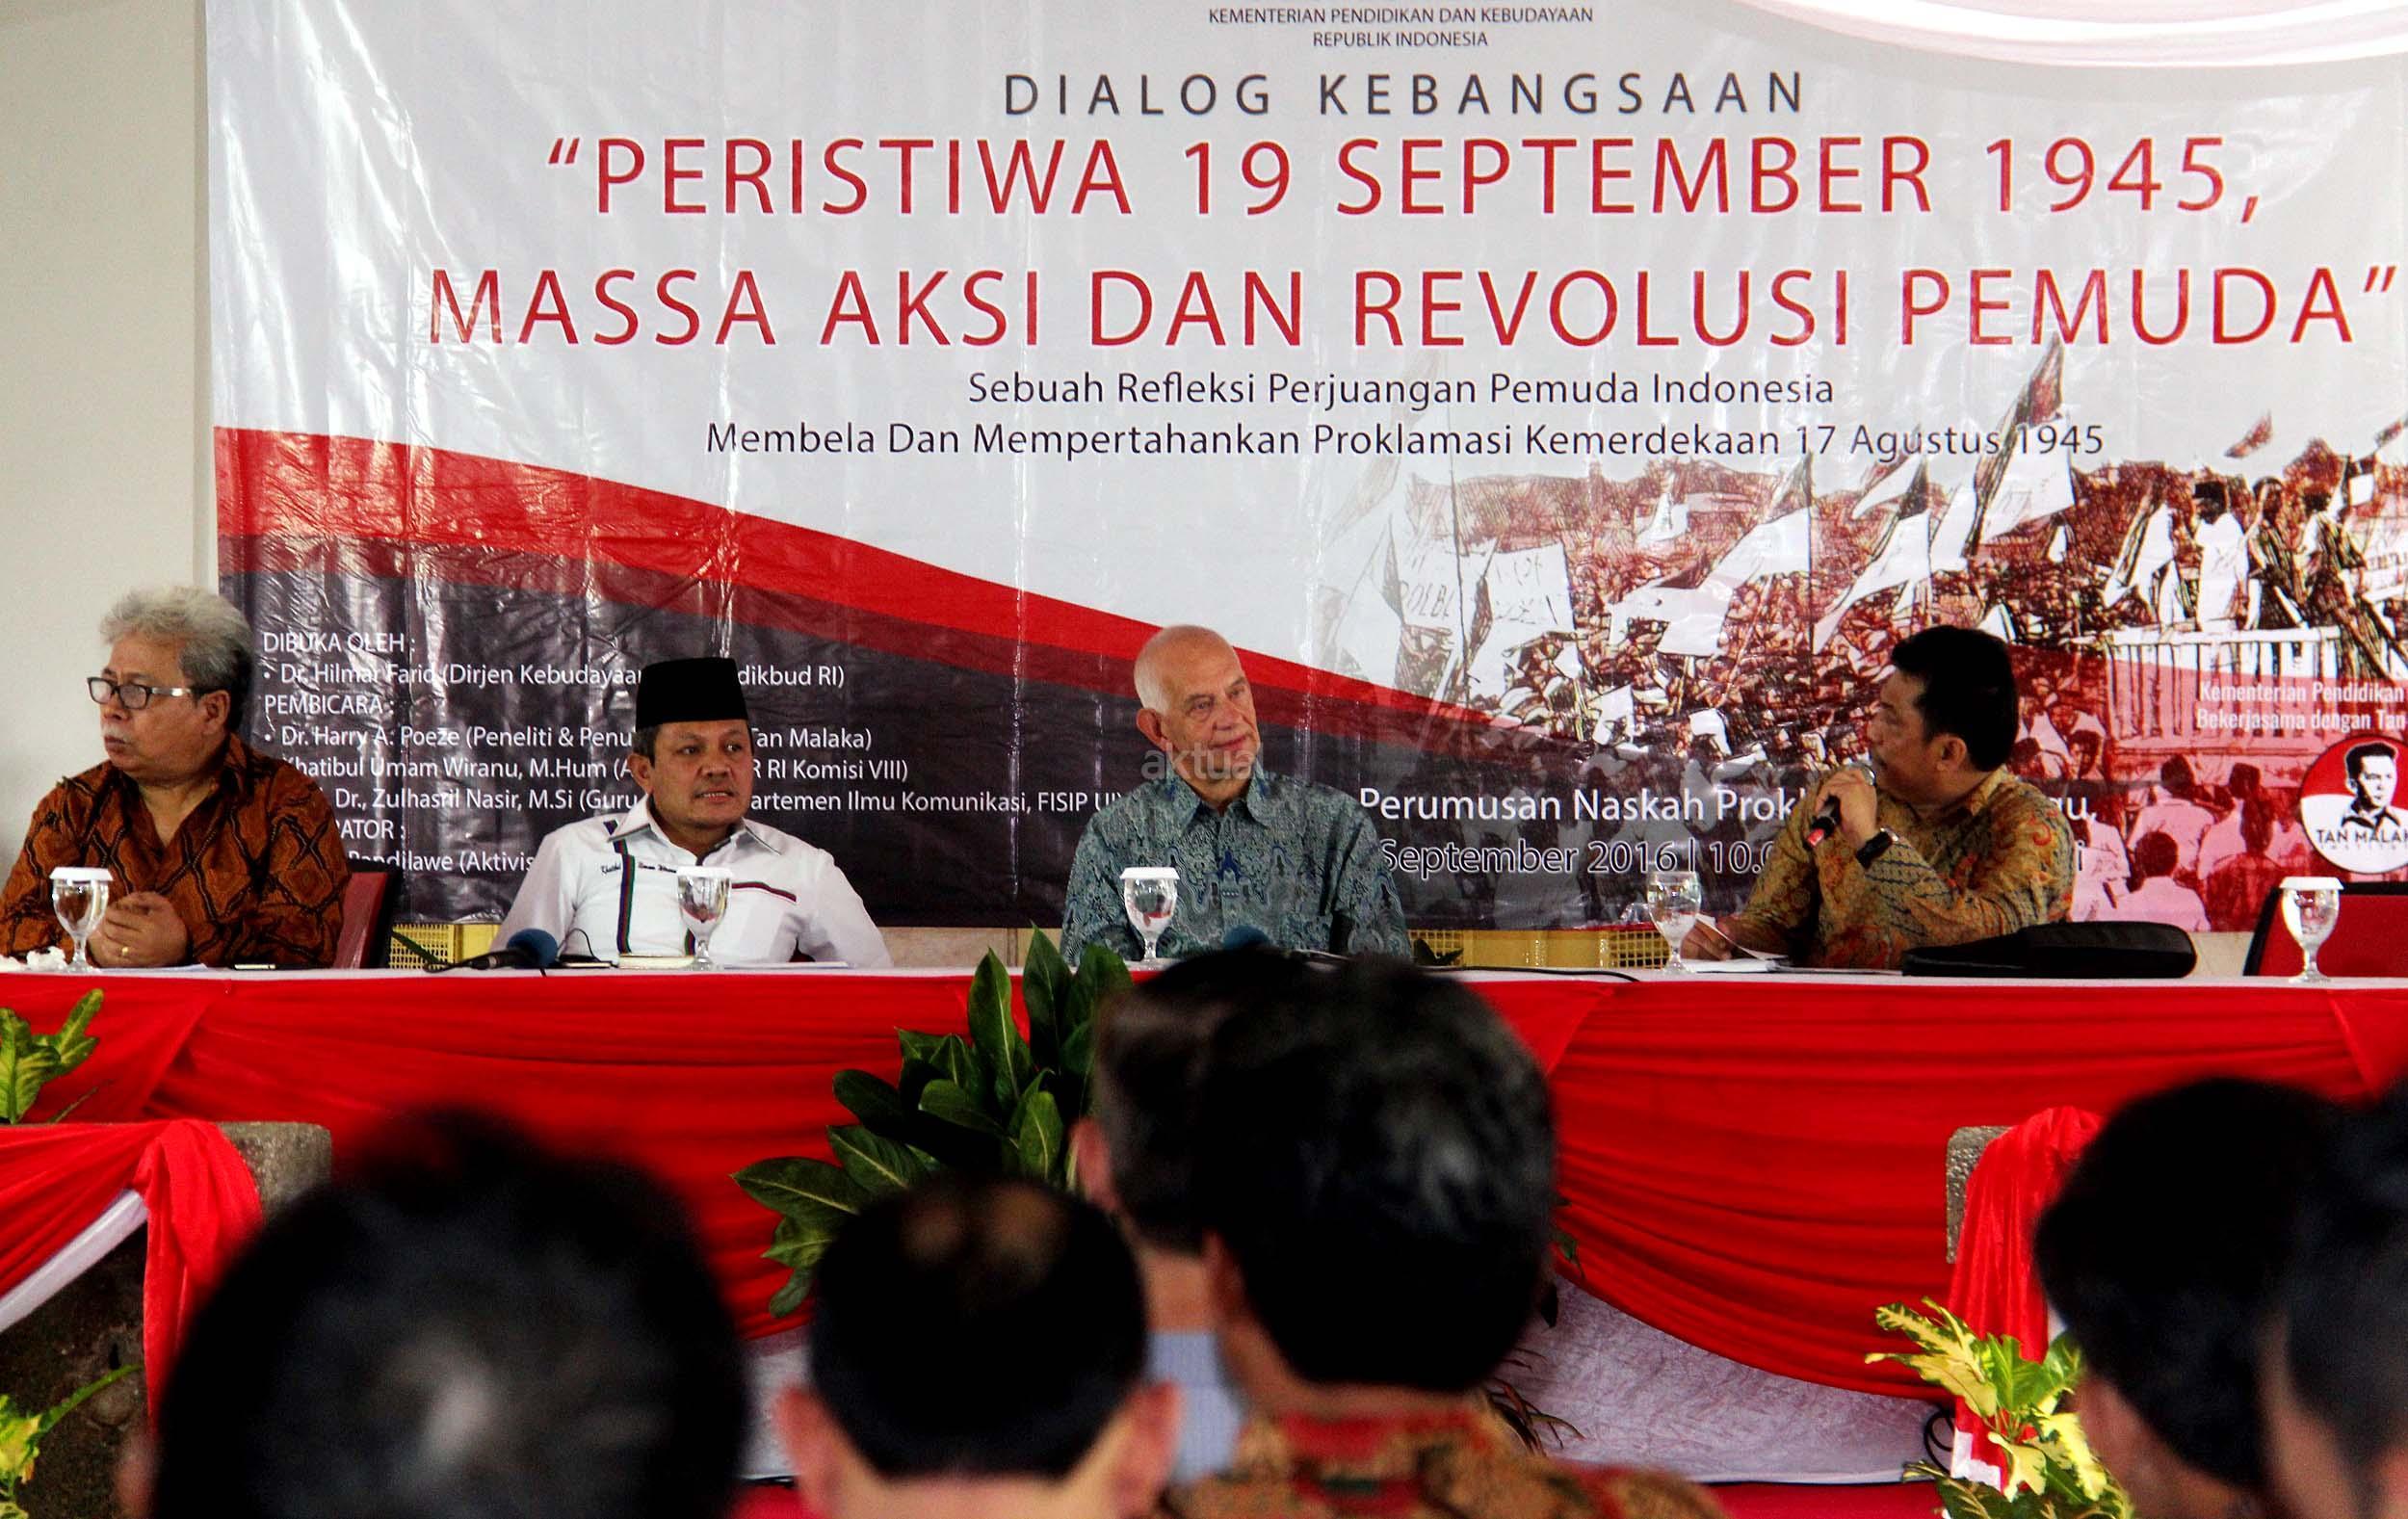 Peristiwa 19 September 1945 Massa Aksi Dan Revolusi Pemuda